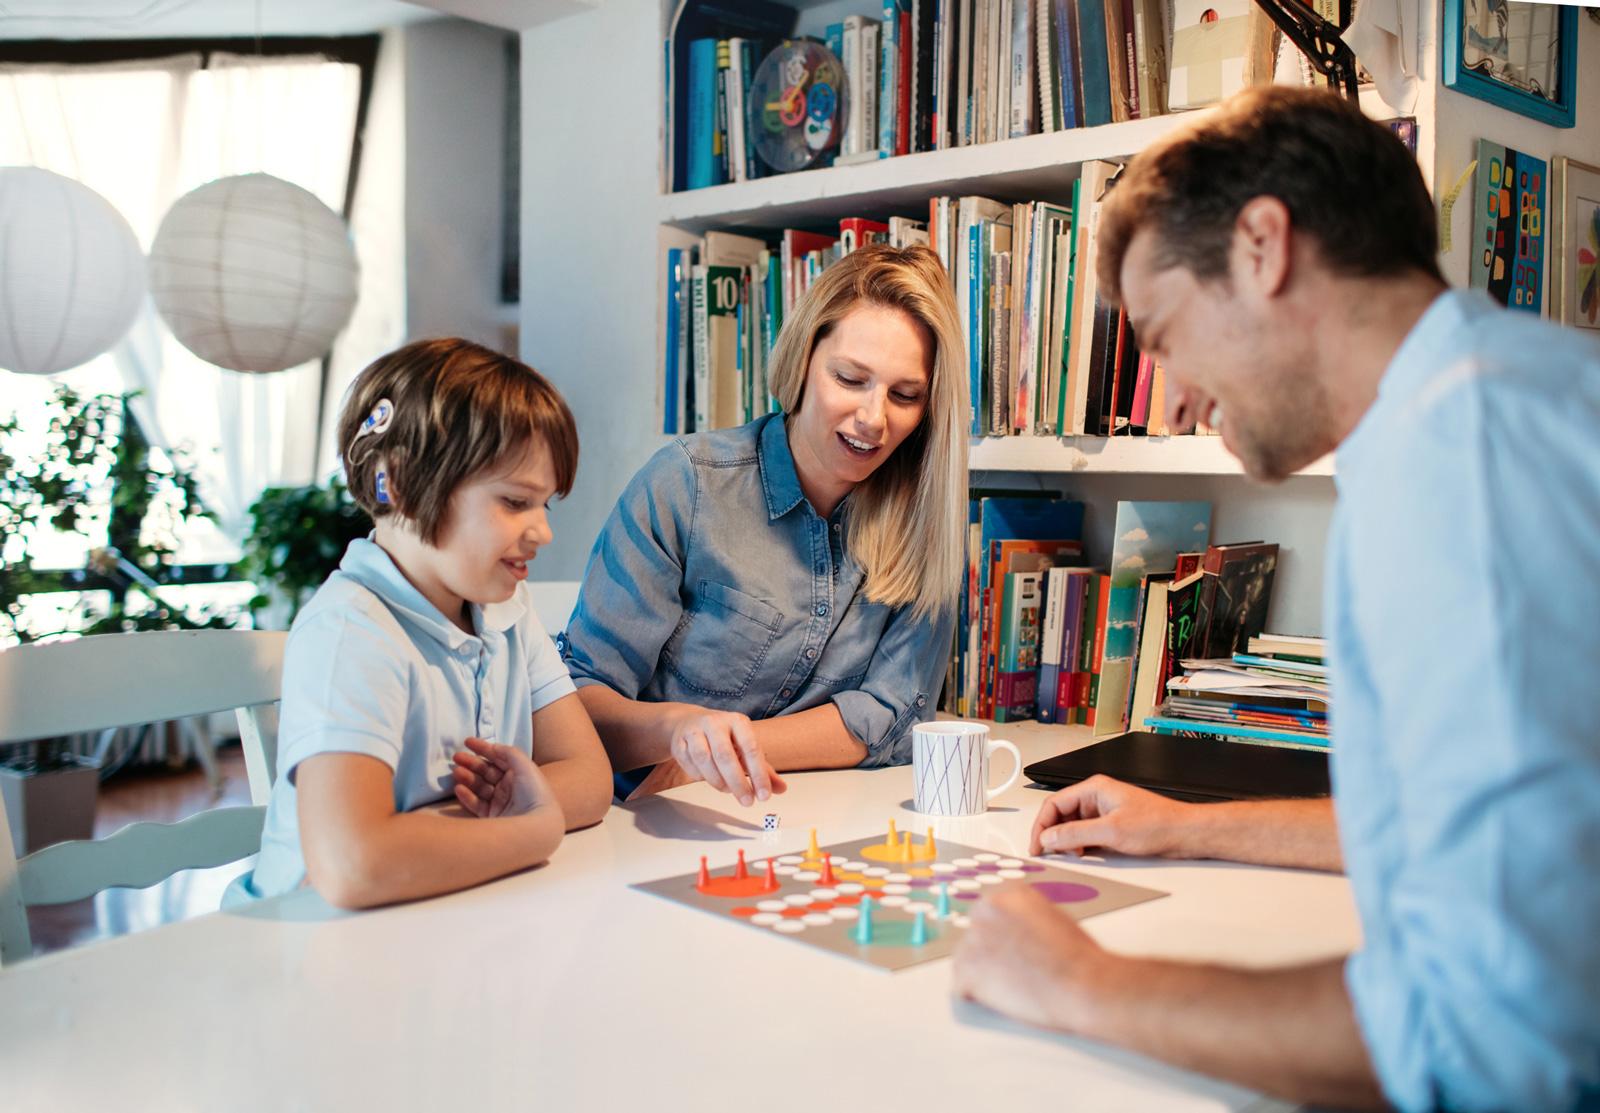 Auch mal verlieren zu können, will gelernt sein. Mit Mensch-ärgere-dich-nicht üben Kinder den Umgang mit Frust spielerisch.